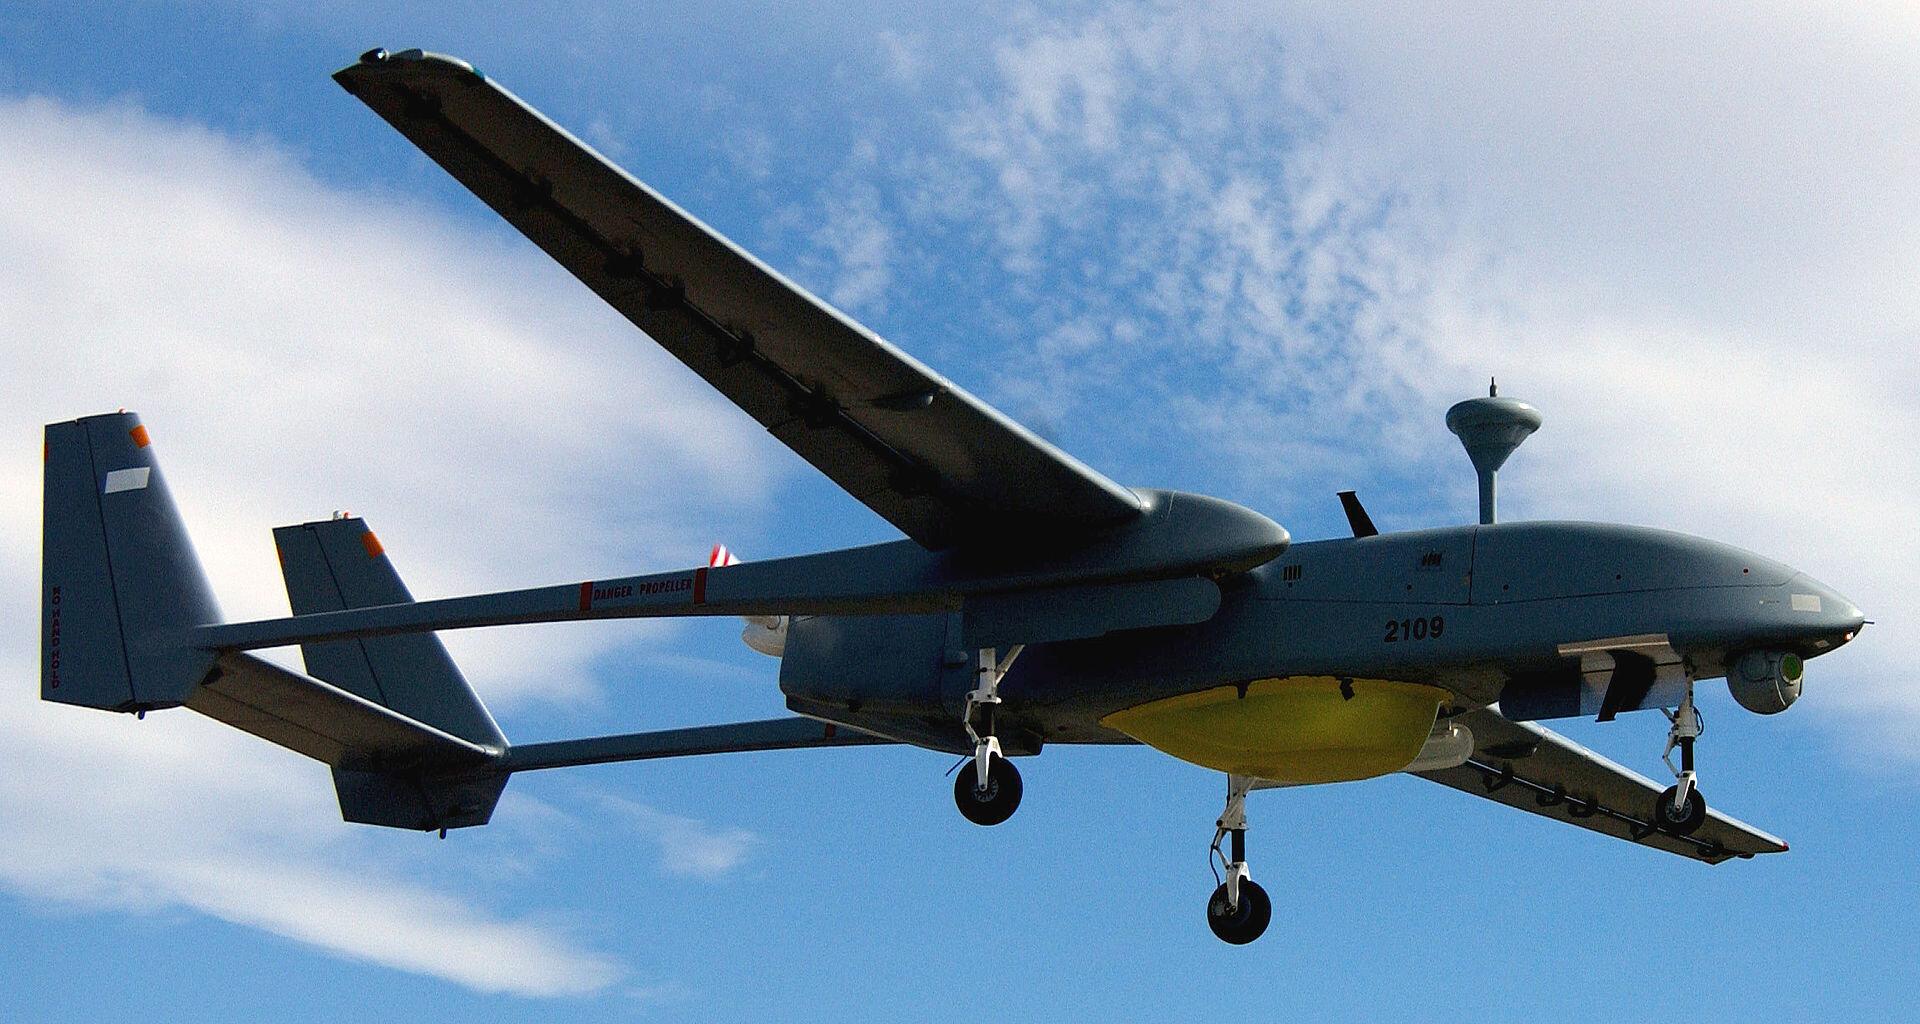 """Ένοπλες Δυνάμεις: Τον Απρίλιο φτάνουν στην Ελλάδα τα ισραηλινά drones """"Heron"""""""